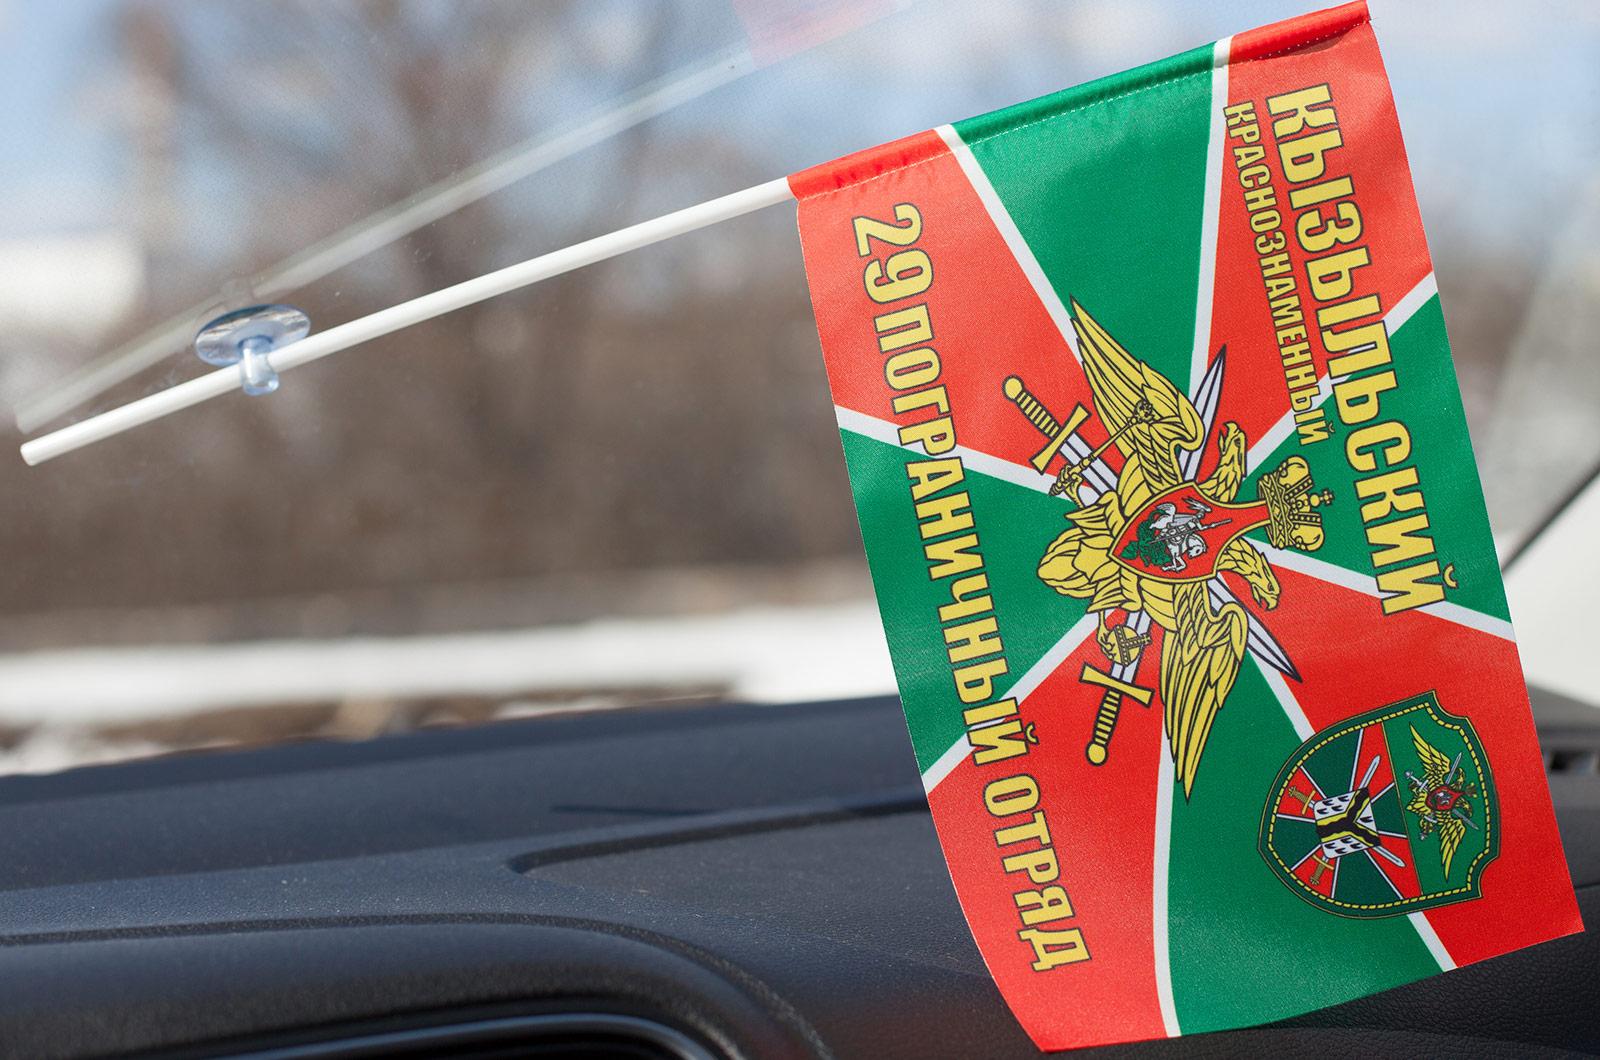 Флажок в машину «Кызыльский ПогО»